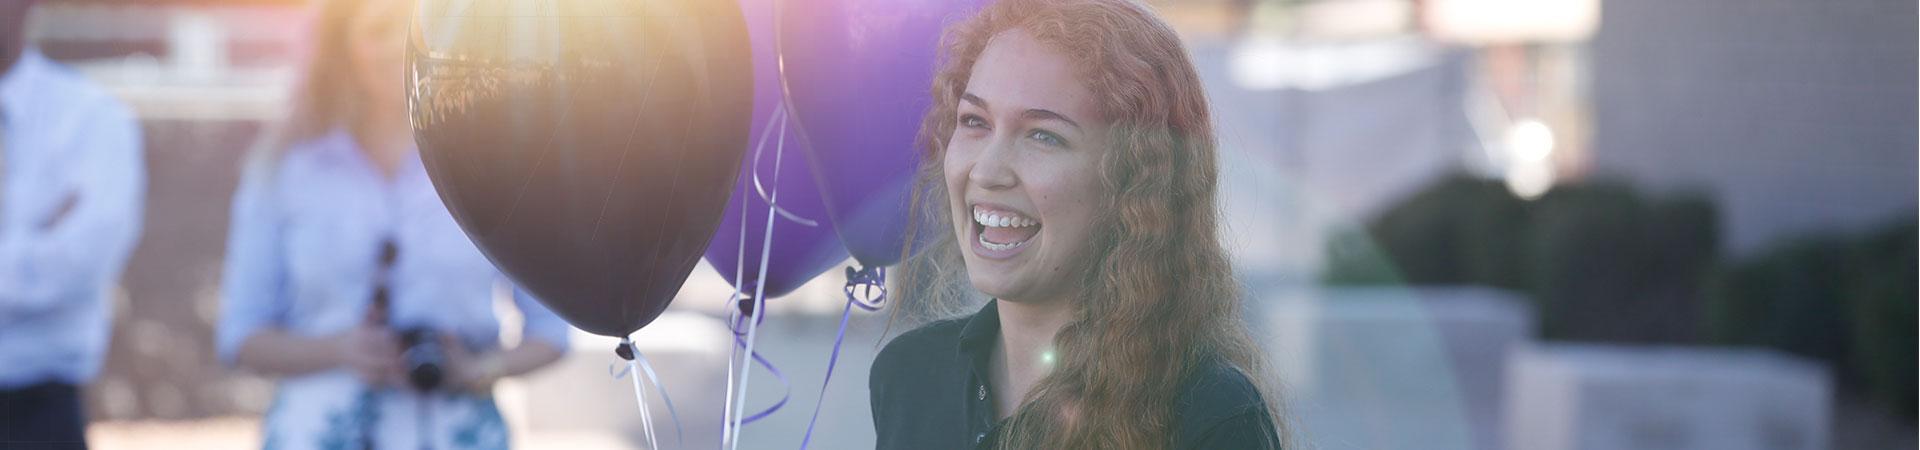 Girl smiling holding balloons